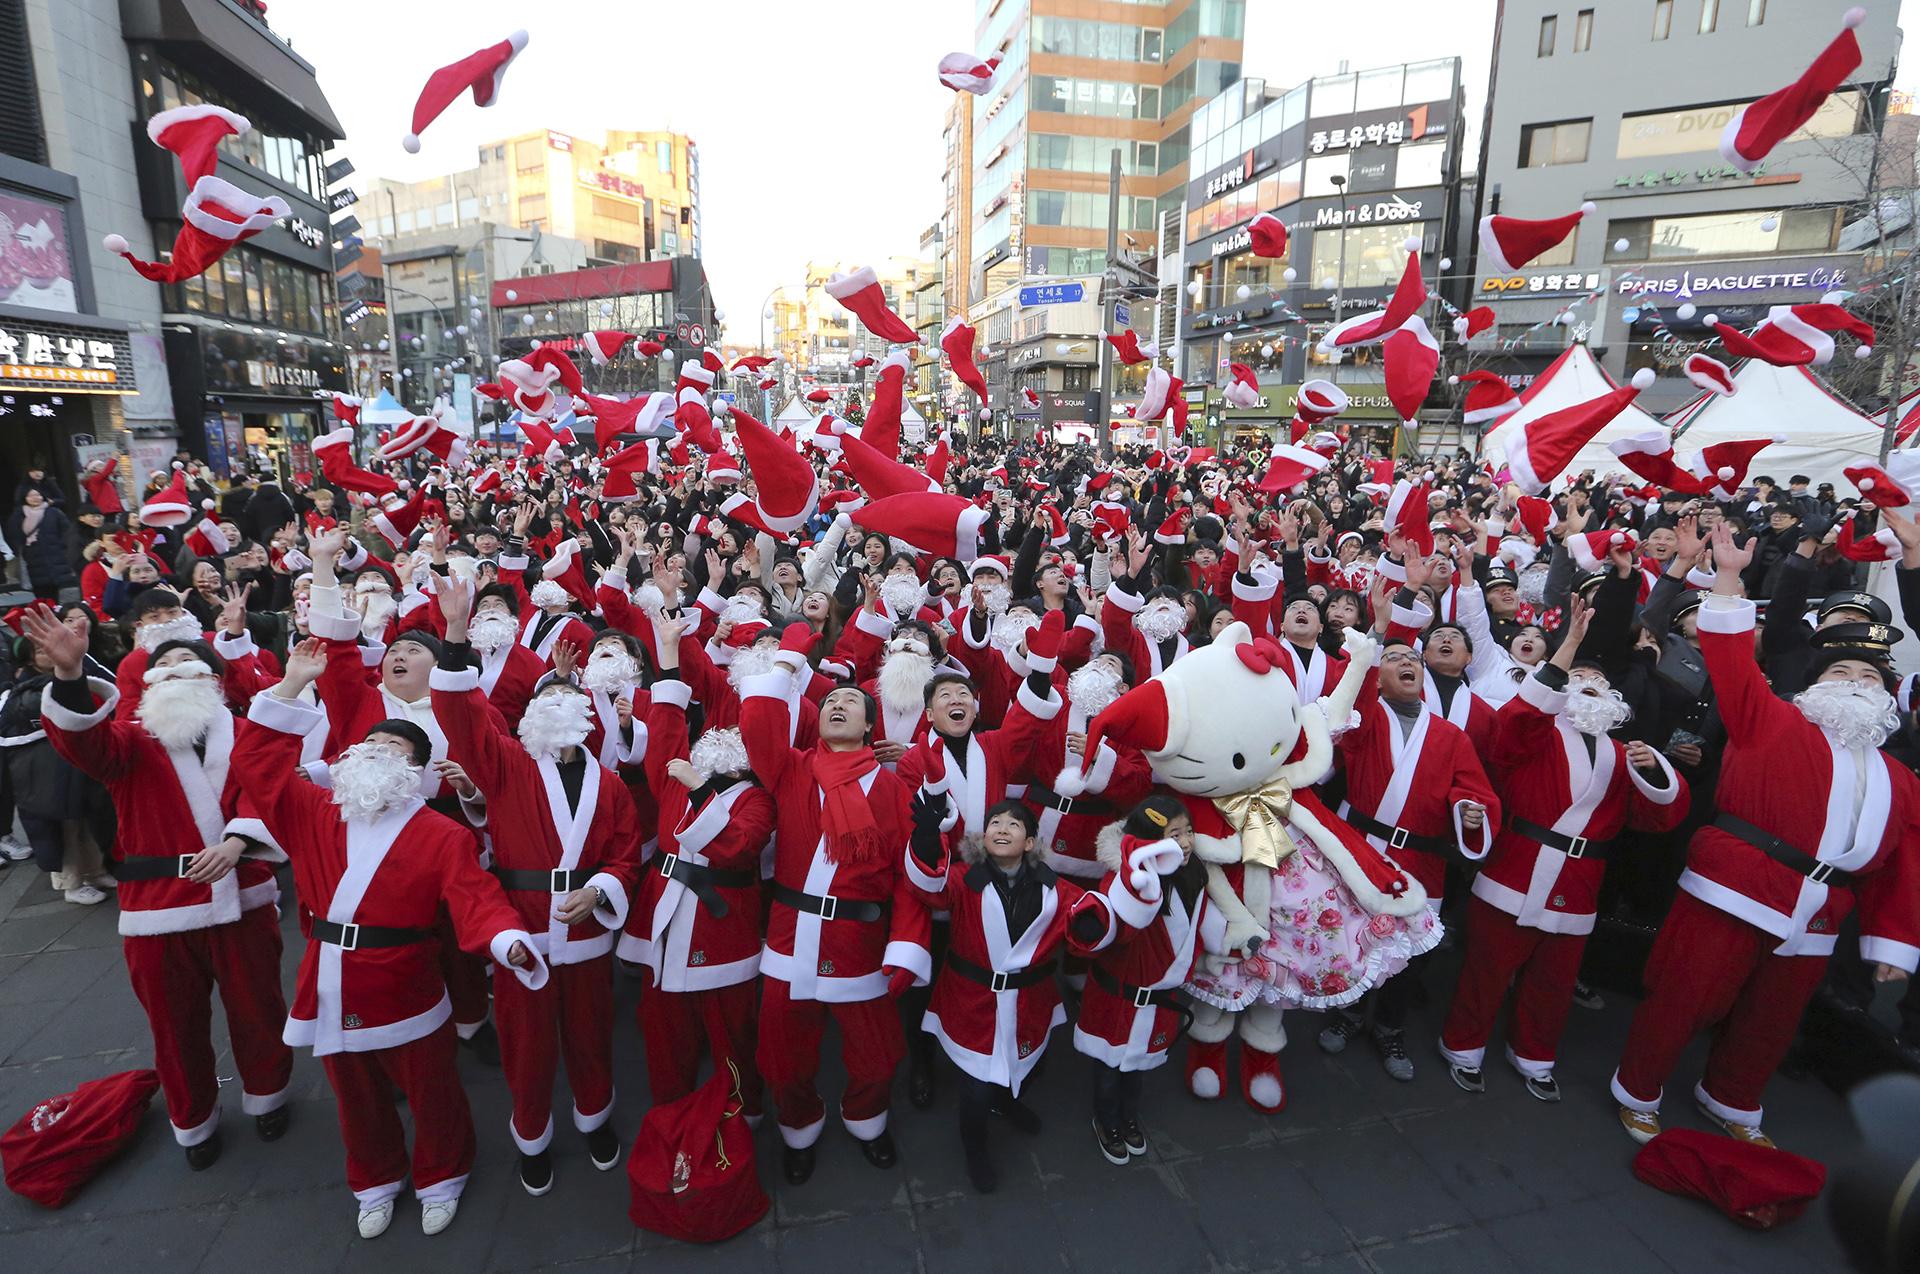 Voluntarios disfrazados de papá Noel arrojan sus sombreros en el centro de Seúl, Corea del Sur